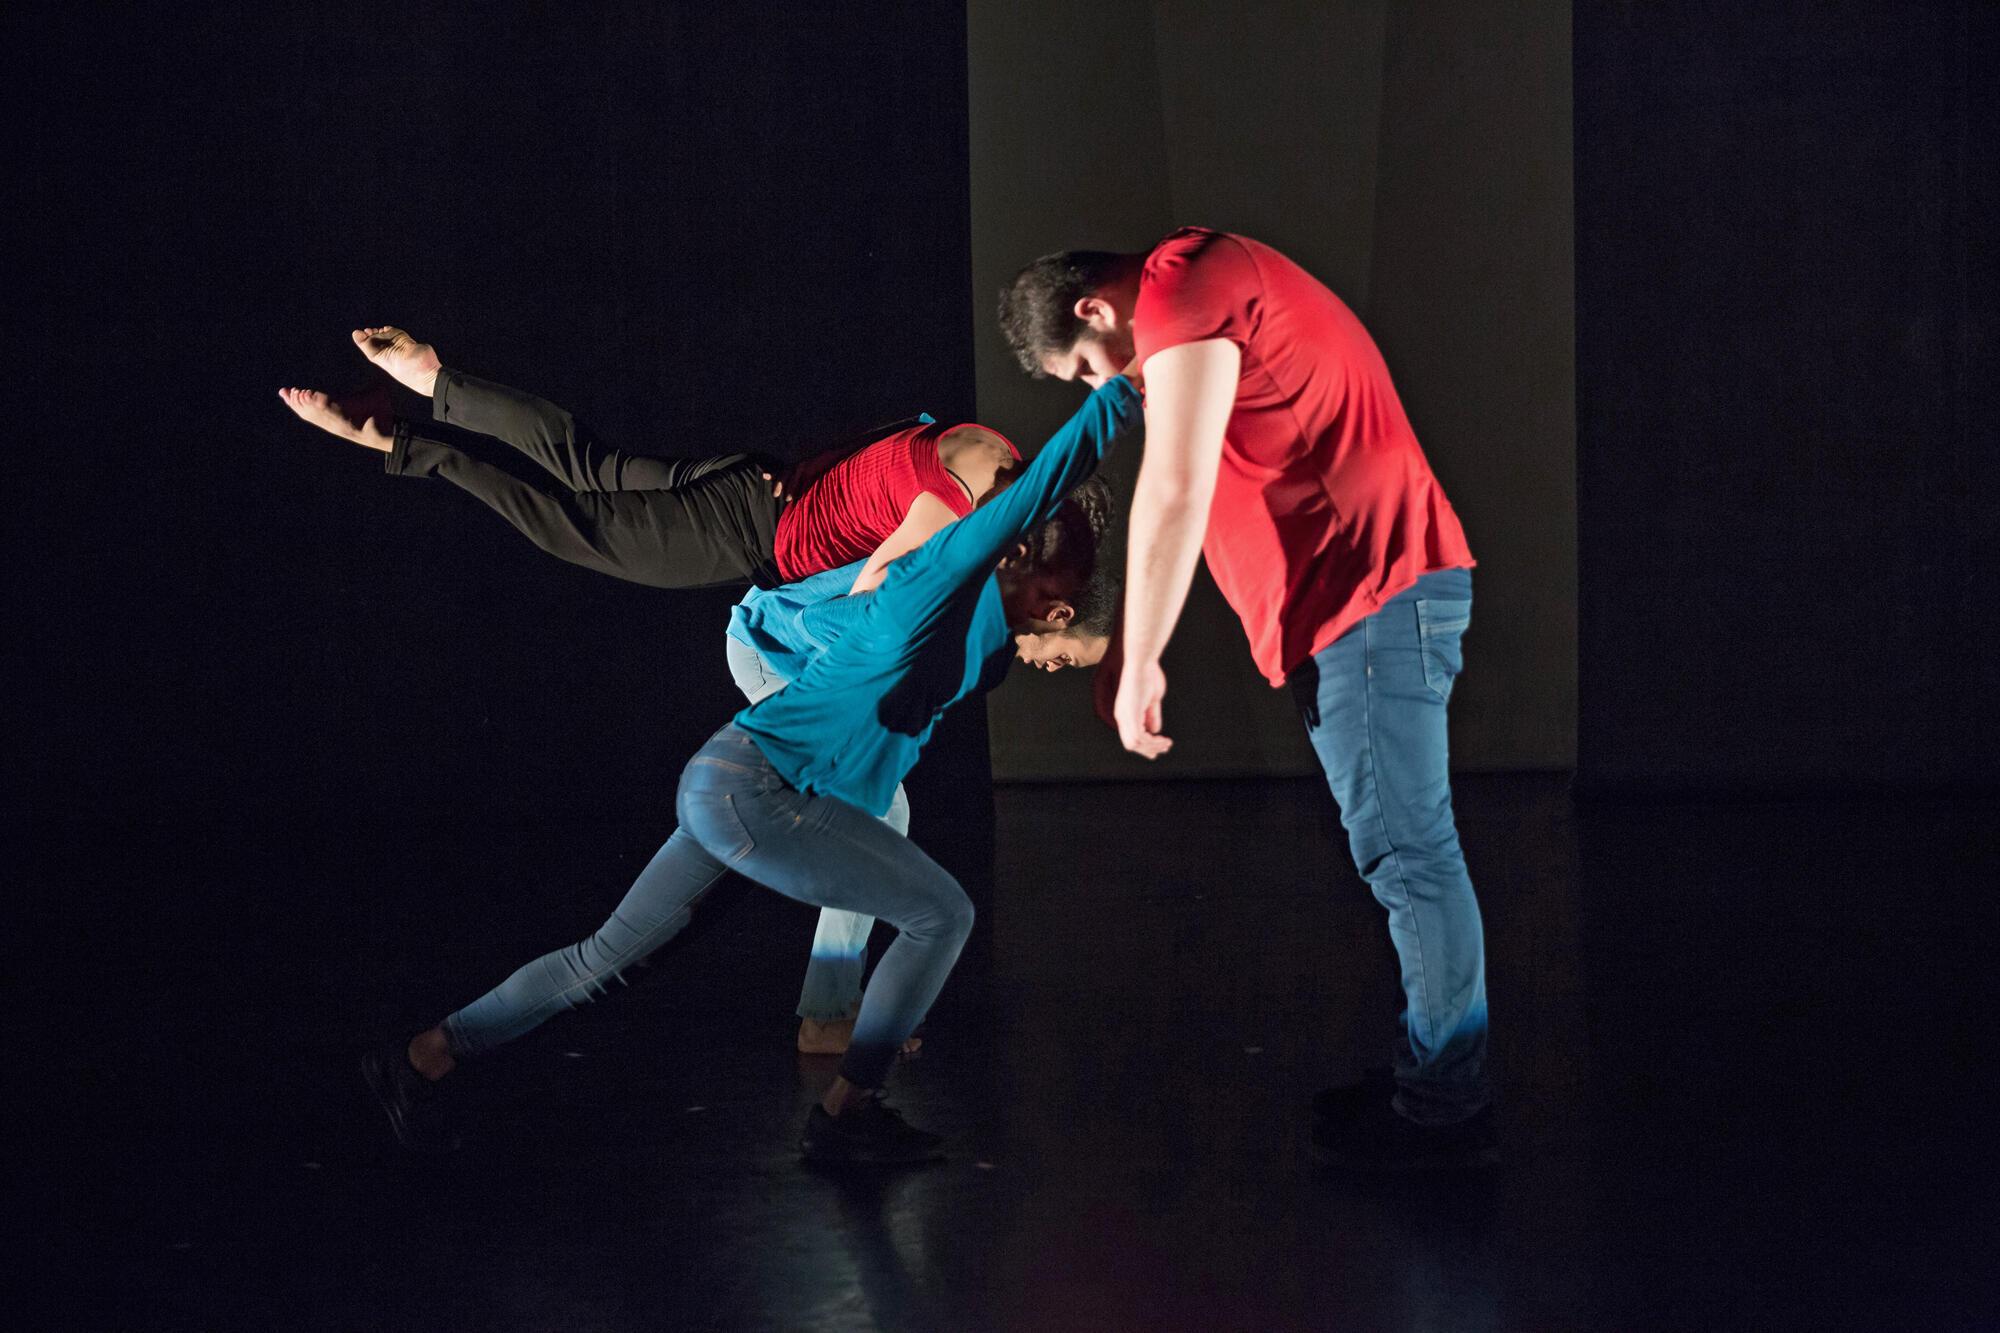 « Dakhla », un spectacle à voir au Festival Suresnes Cités Danse jusqu'au 17 janvier 2017.